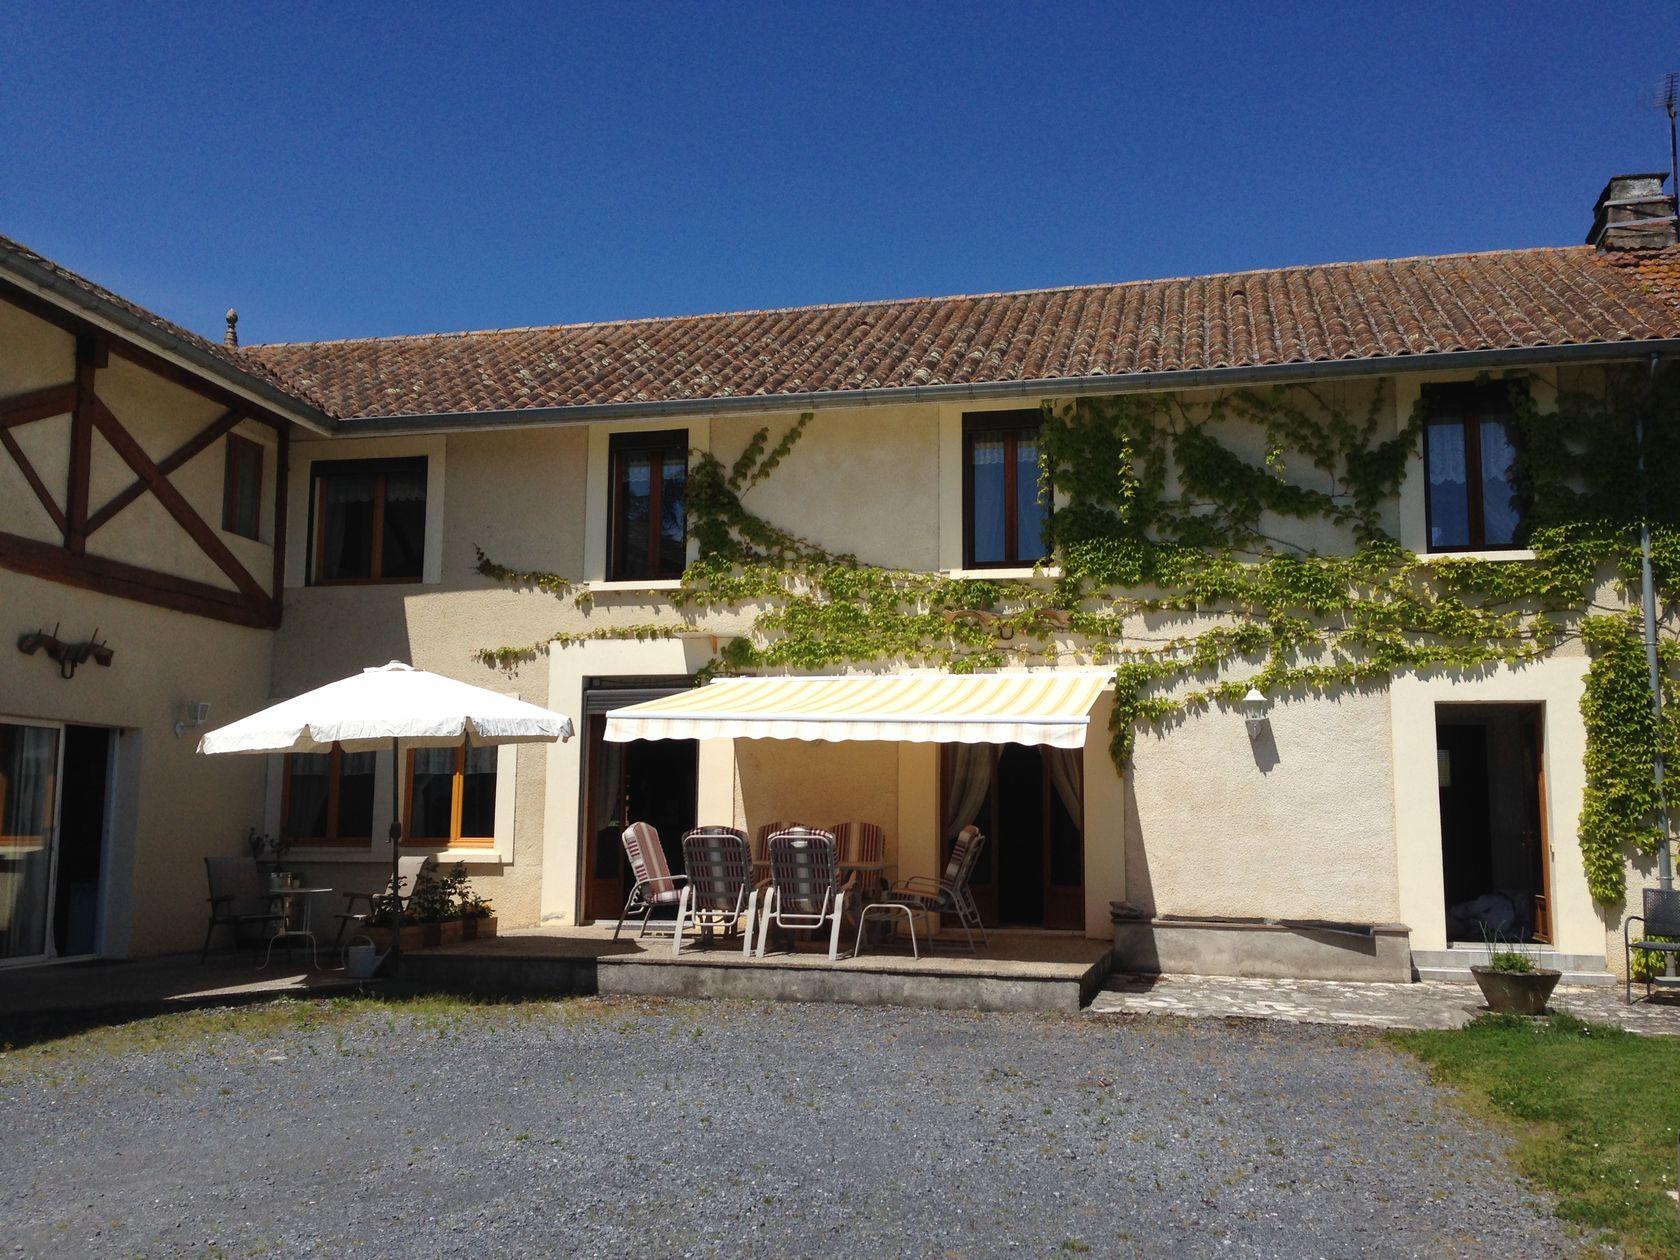 Maison Cardeillac